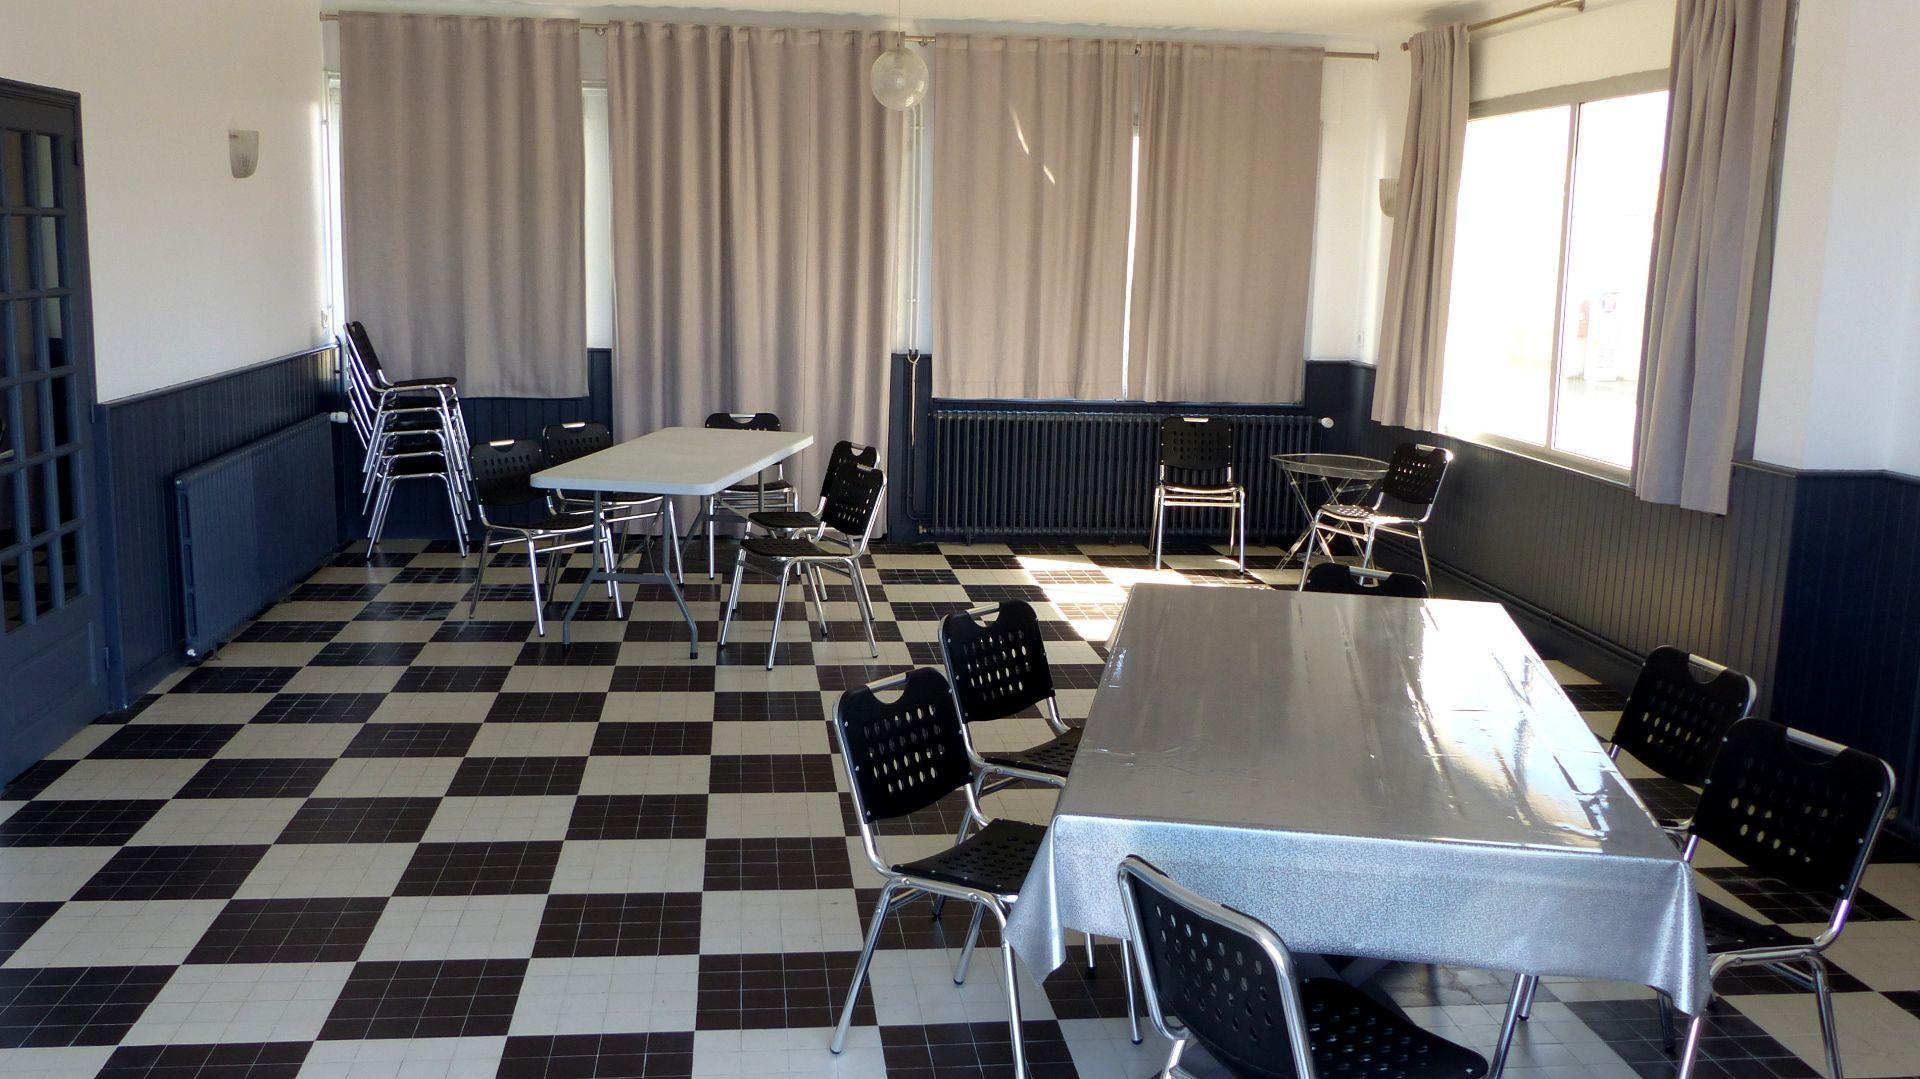 65 - la salle de restaurant (1)